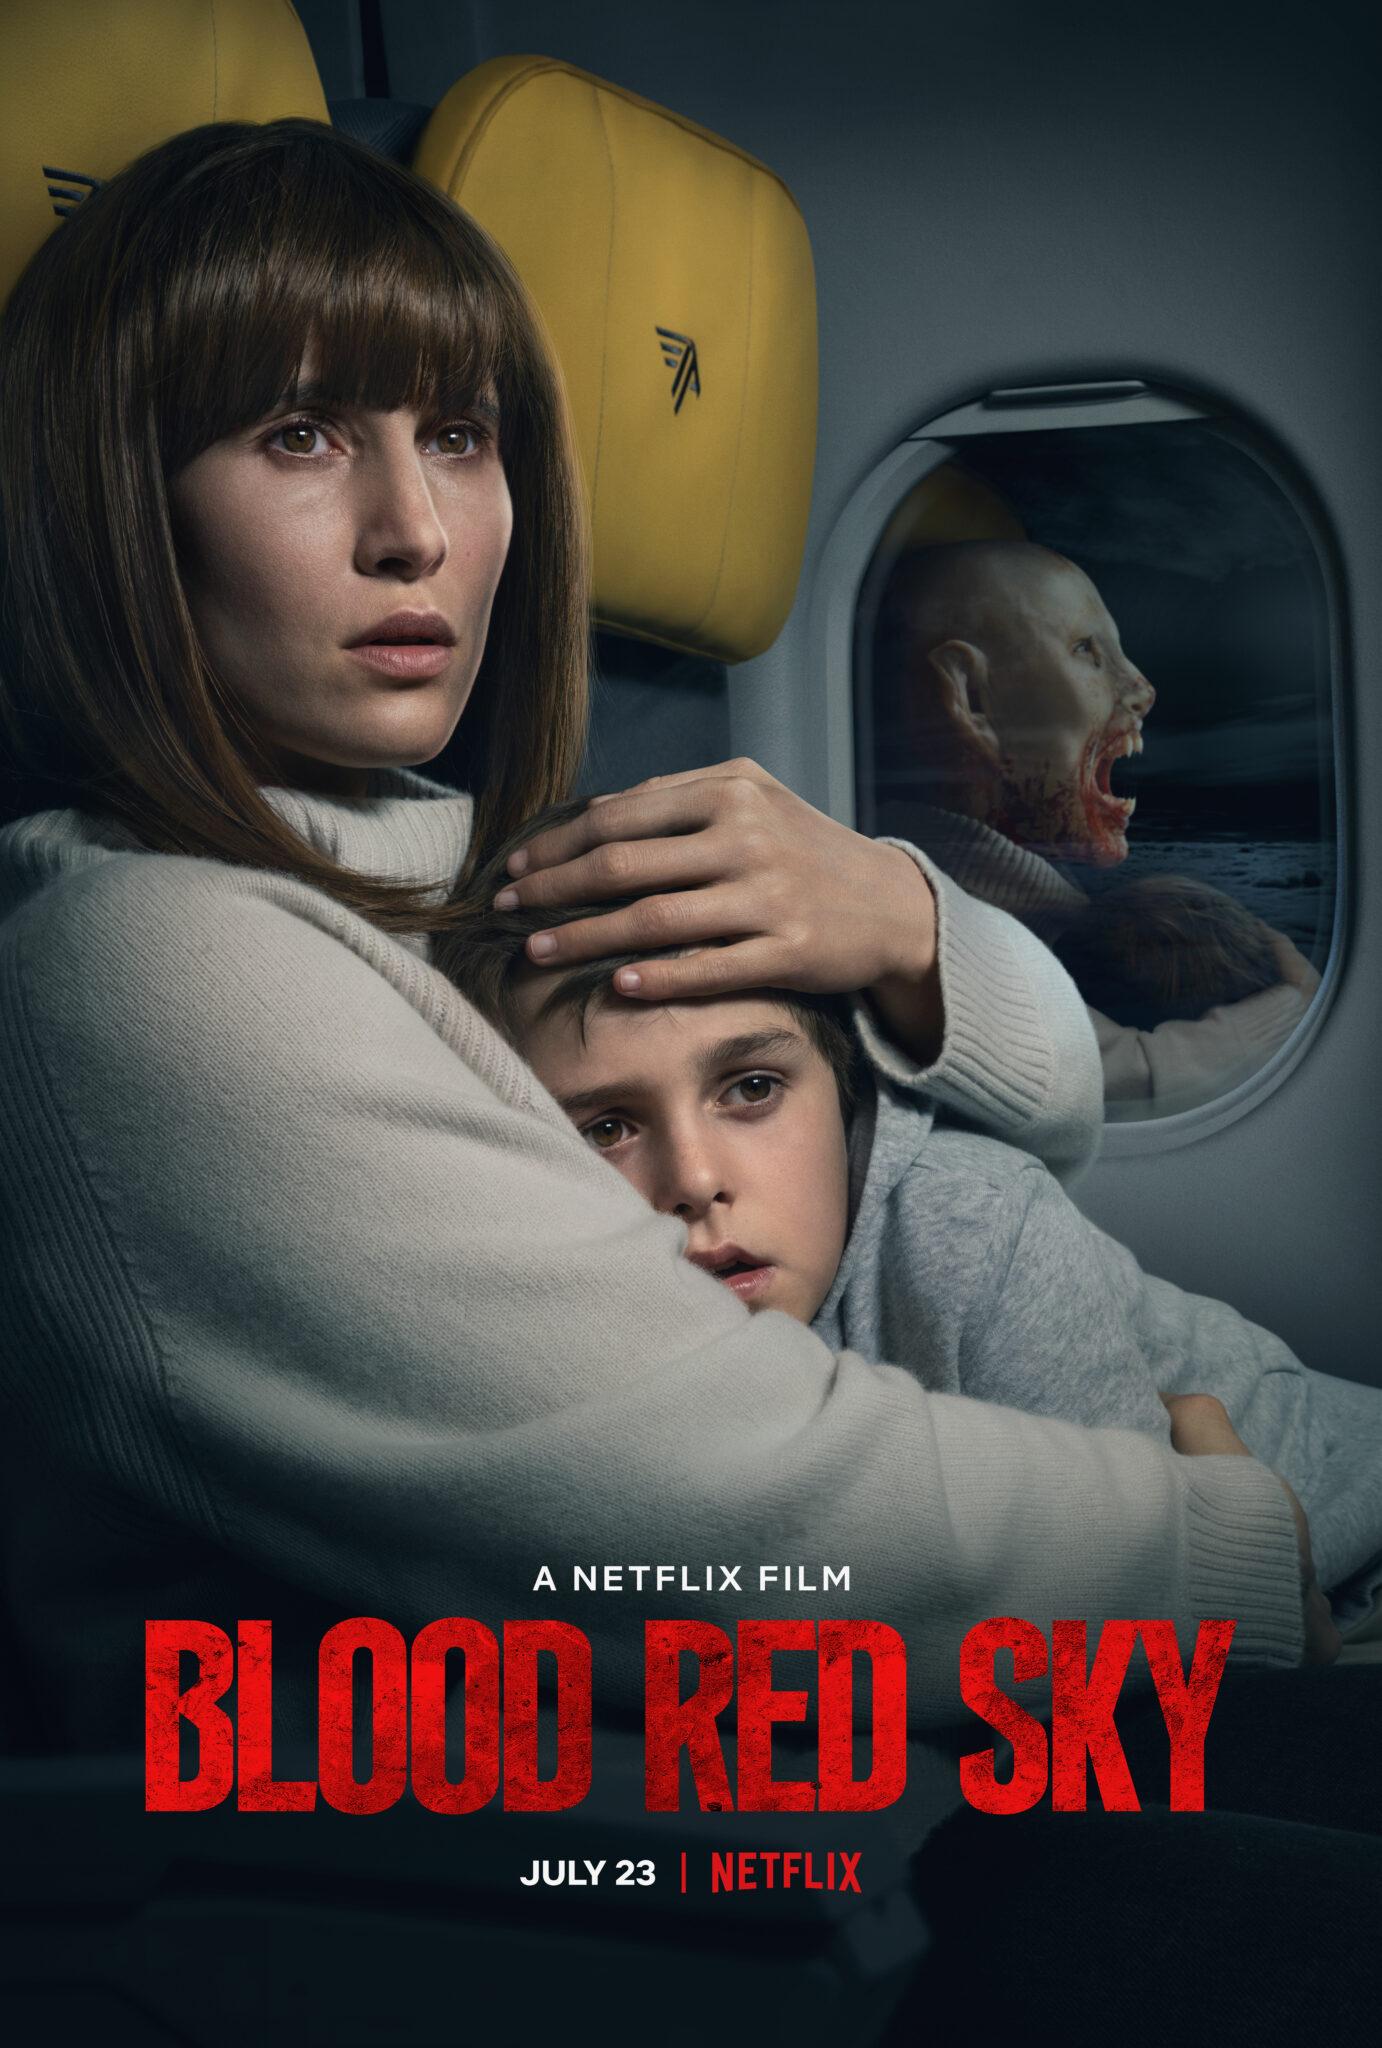 Das Plakat des Films Blood Red Sky zeigt die Protagonistin Nadja neben ihrem Sohn Elias auf zwei Sitzen im Flugzeug. Im Hintergrund sieht man eine Fensterscheibe, in der ein blutiges Vampirgesicht statt einer normalen Spiegelung zu sehen ist.